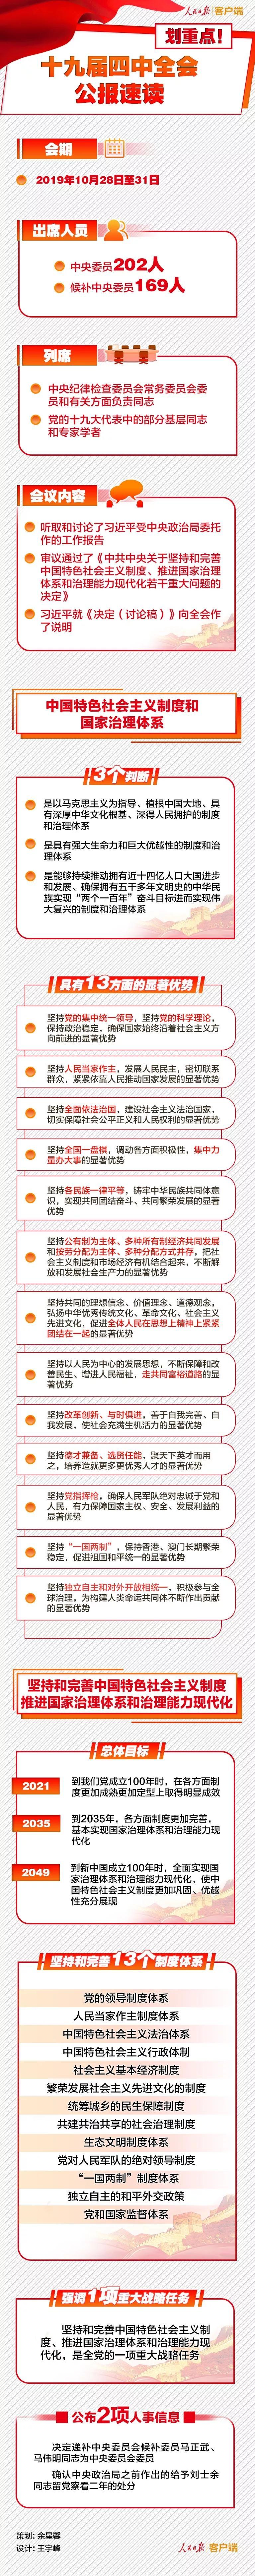 时政:十九届四中全会公报速读!